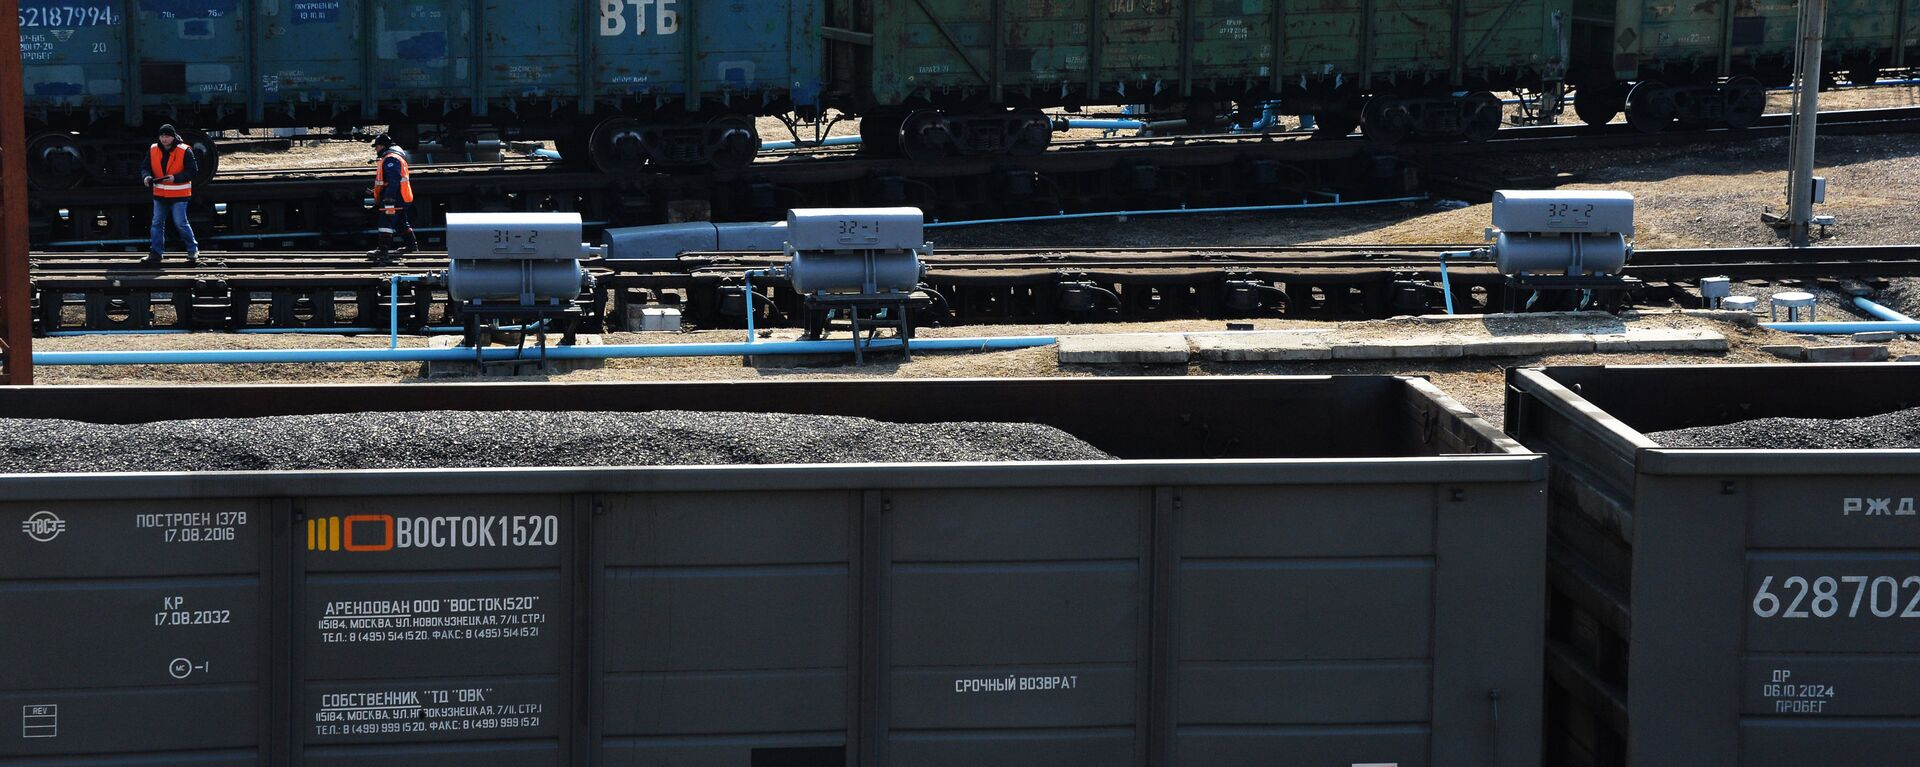 Грузовые поезда на станции - Sputnik Латвия, 1920, 04.02.2019